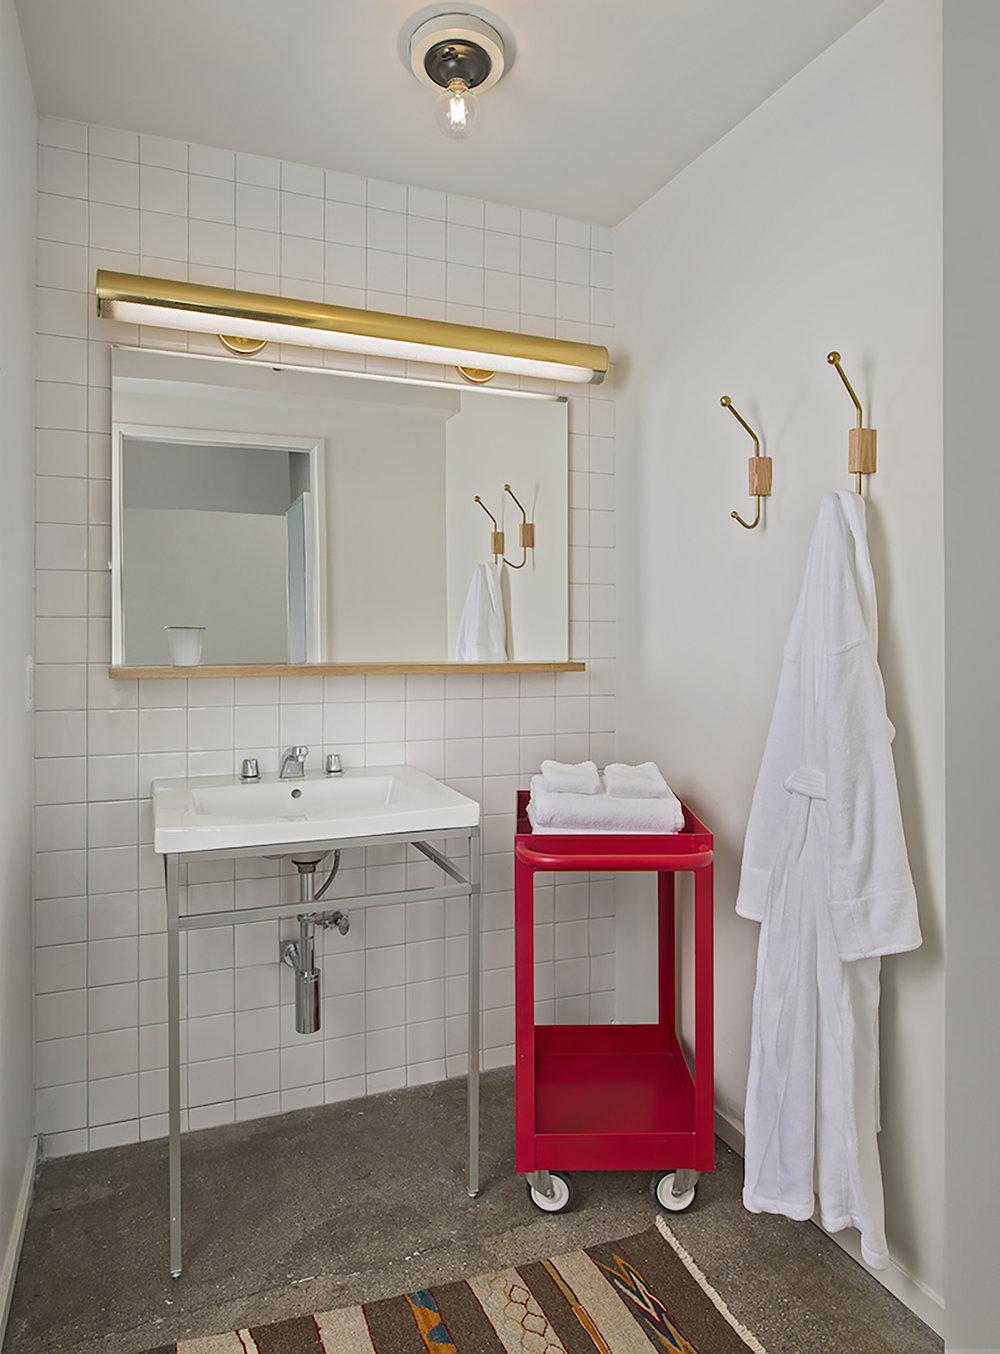 3_Trumbull and Porter Hotel Detroit Bathroom Design Photographer John D'Angelo.jpg